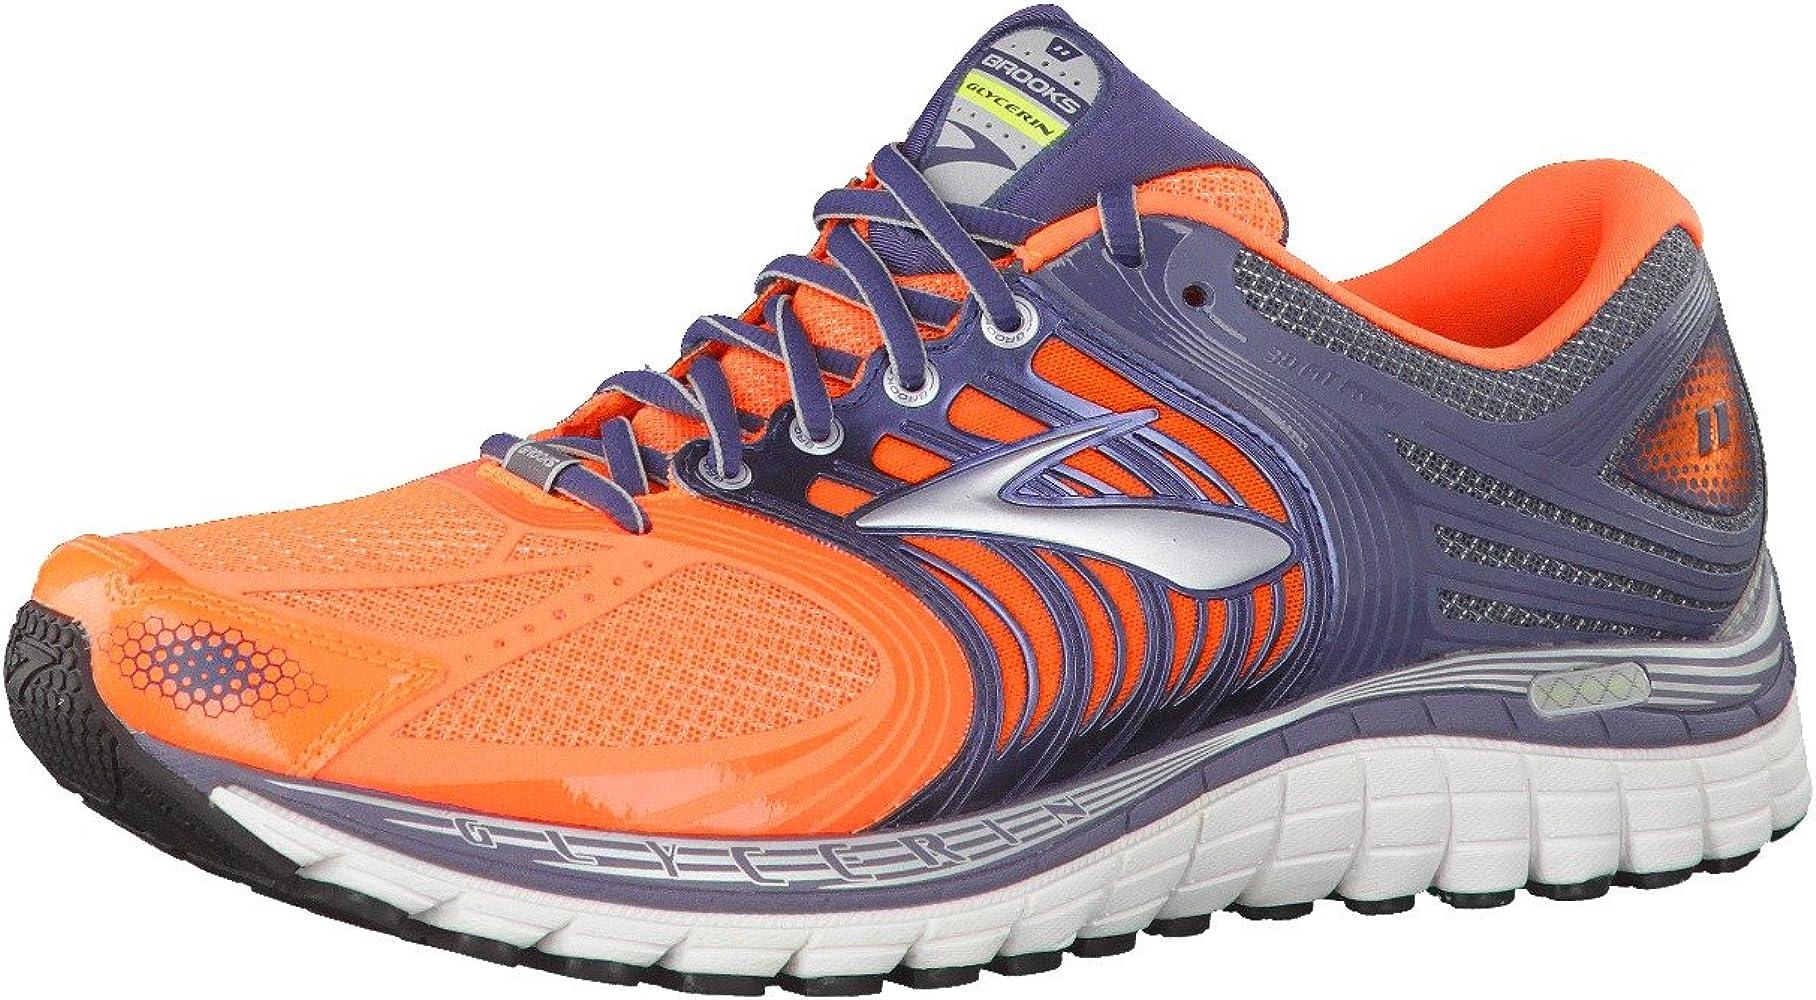 Brooks - Glycerin 11 Zapatilla de Deporte: Amazon.es: Zapatos y ...